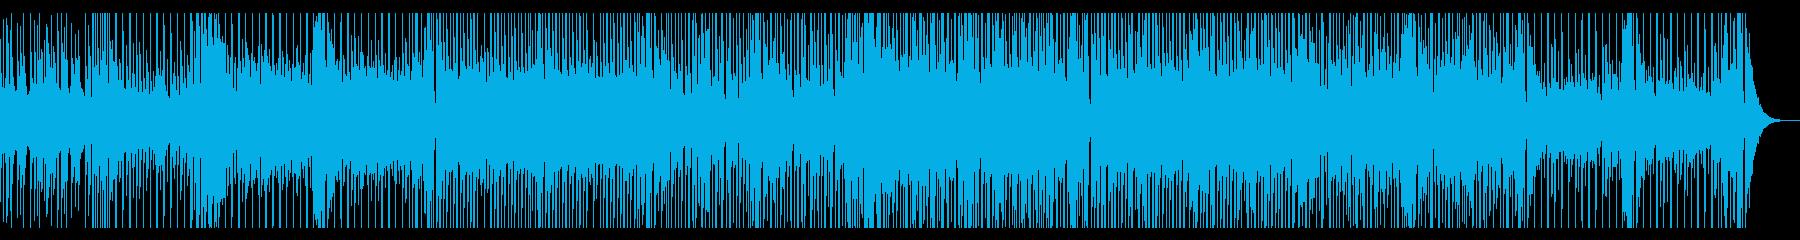 明るくてユーモラスな感じの曲の再生済みの波形